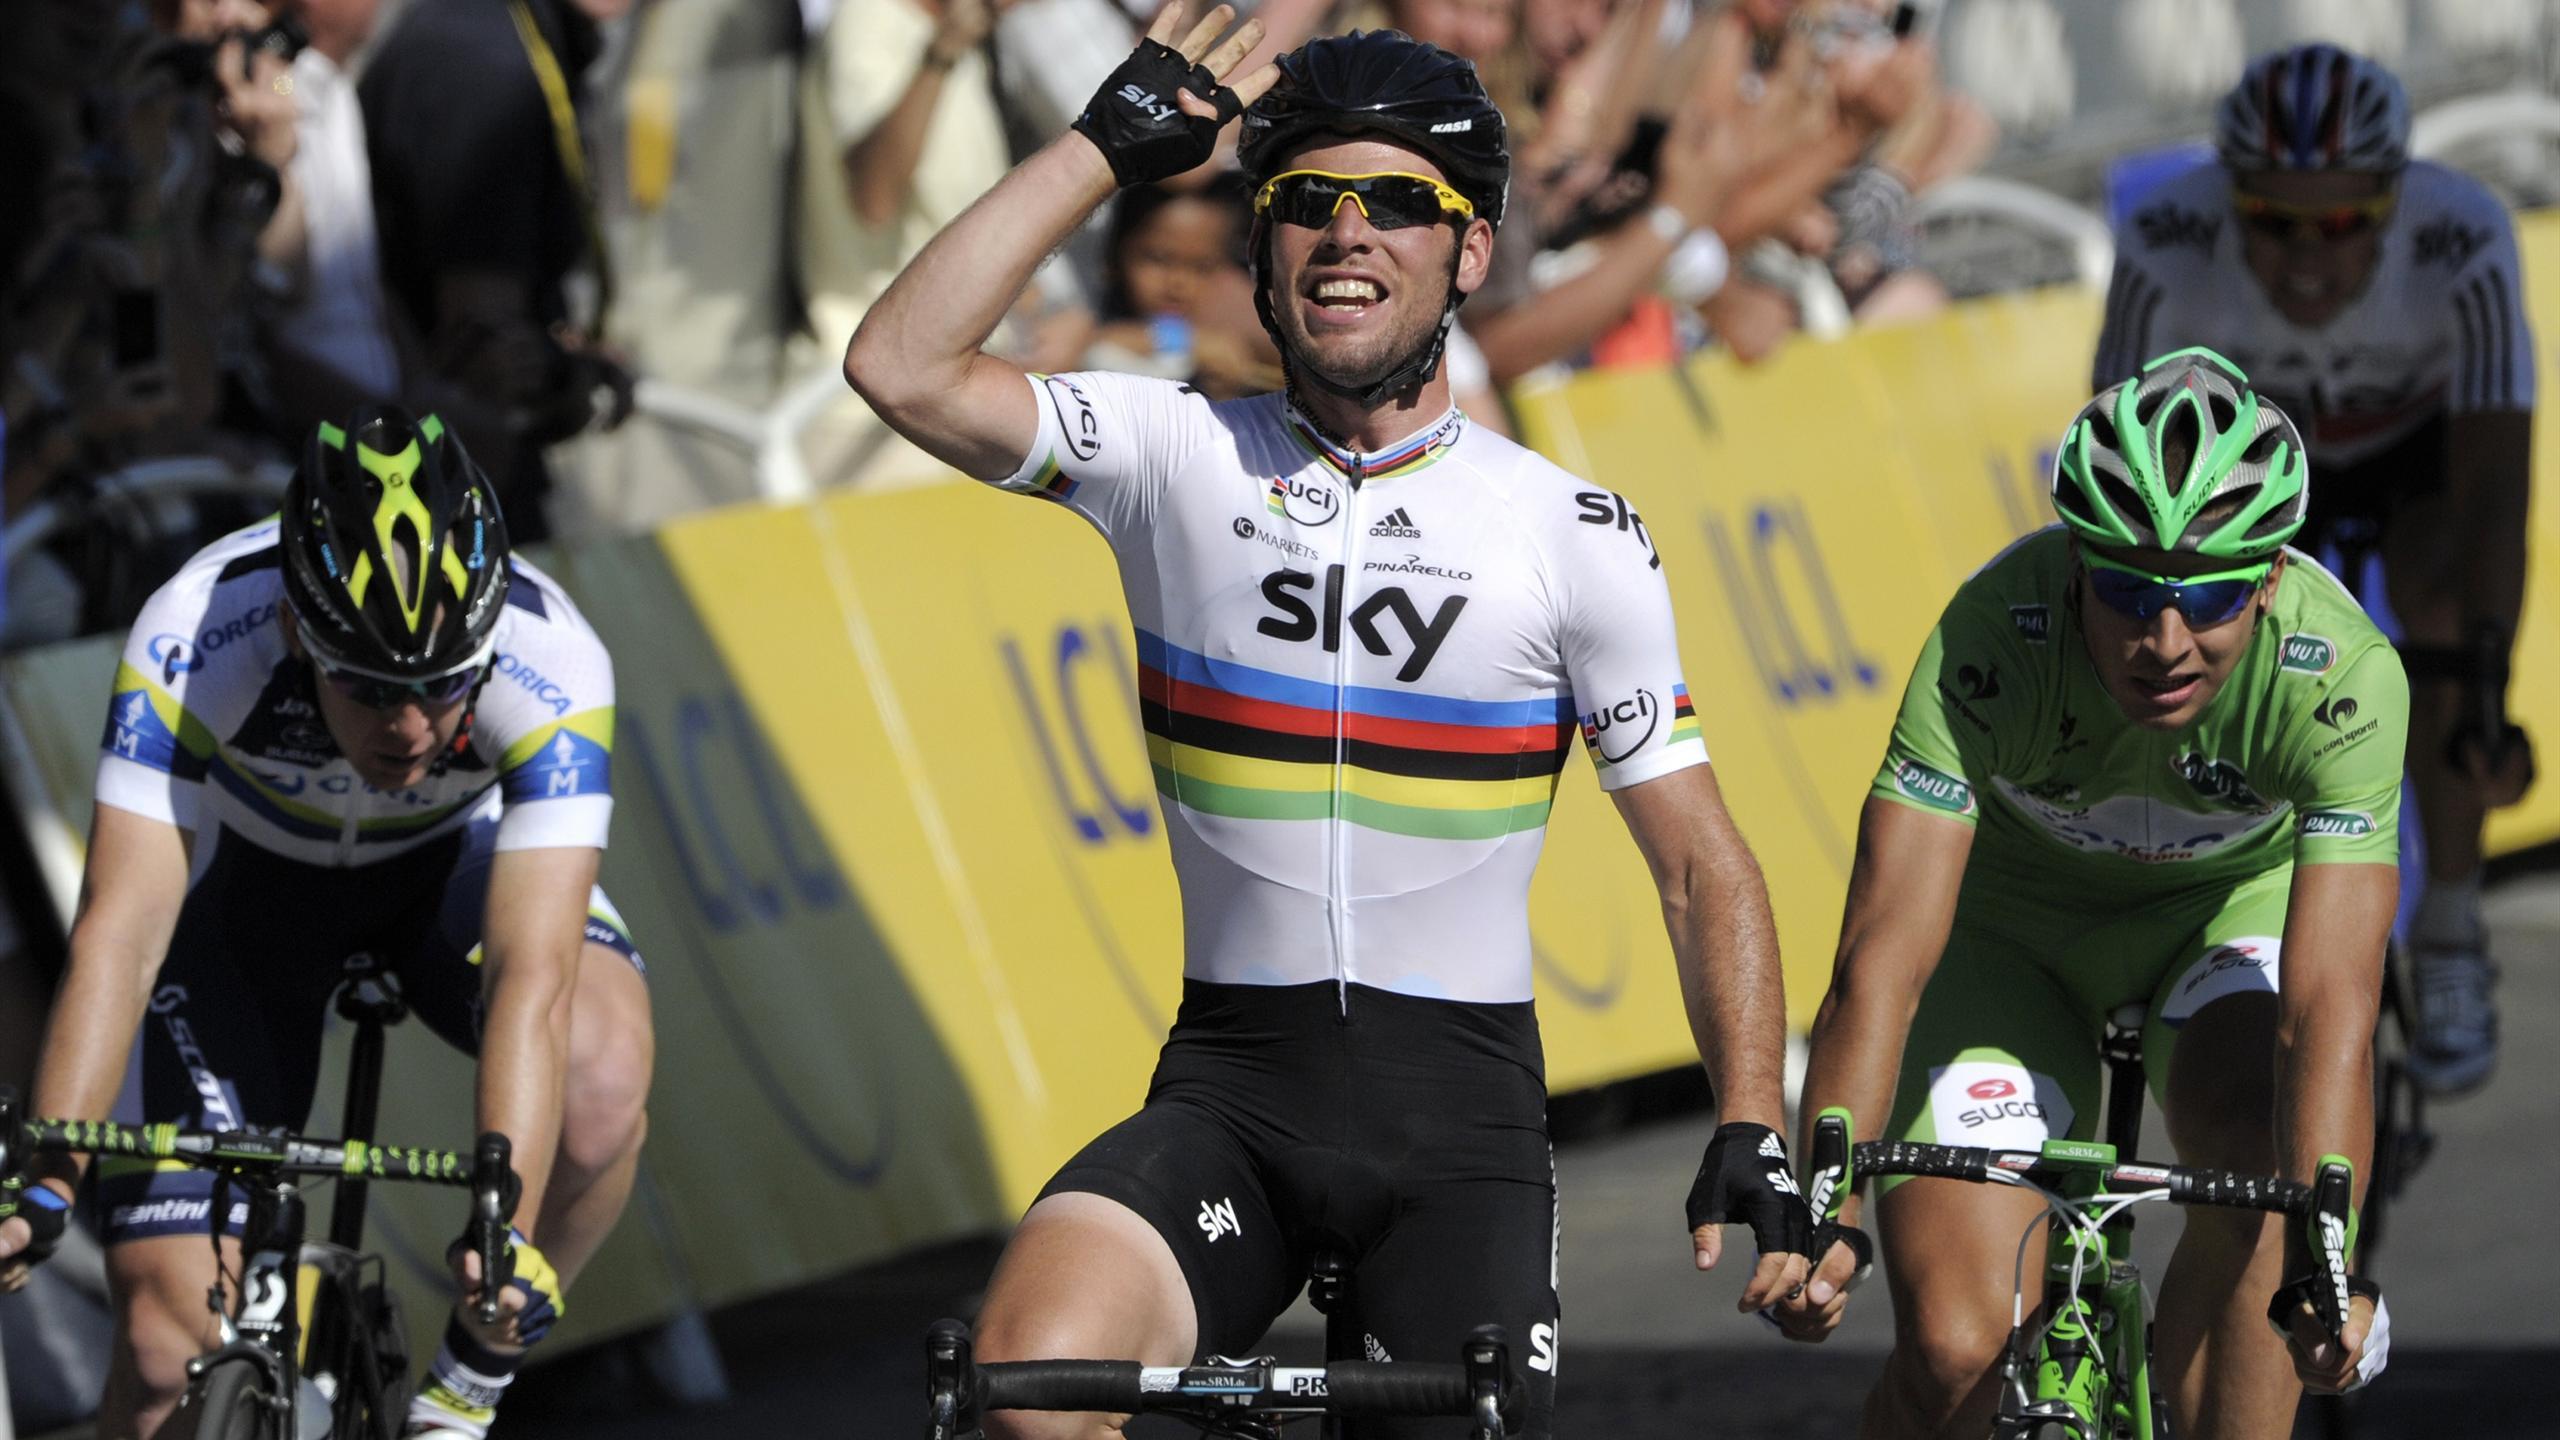 L'incroyable doublé, Wiggins et arc-en-ciel : les quatre merveilles de Cavendish sur les Champs